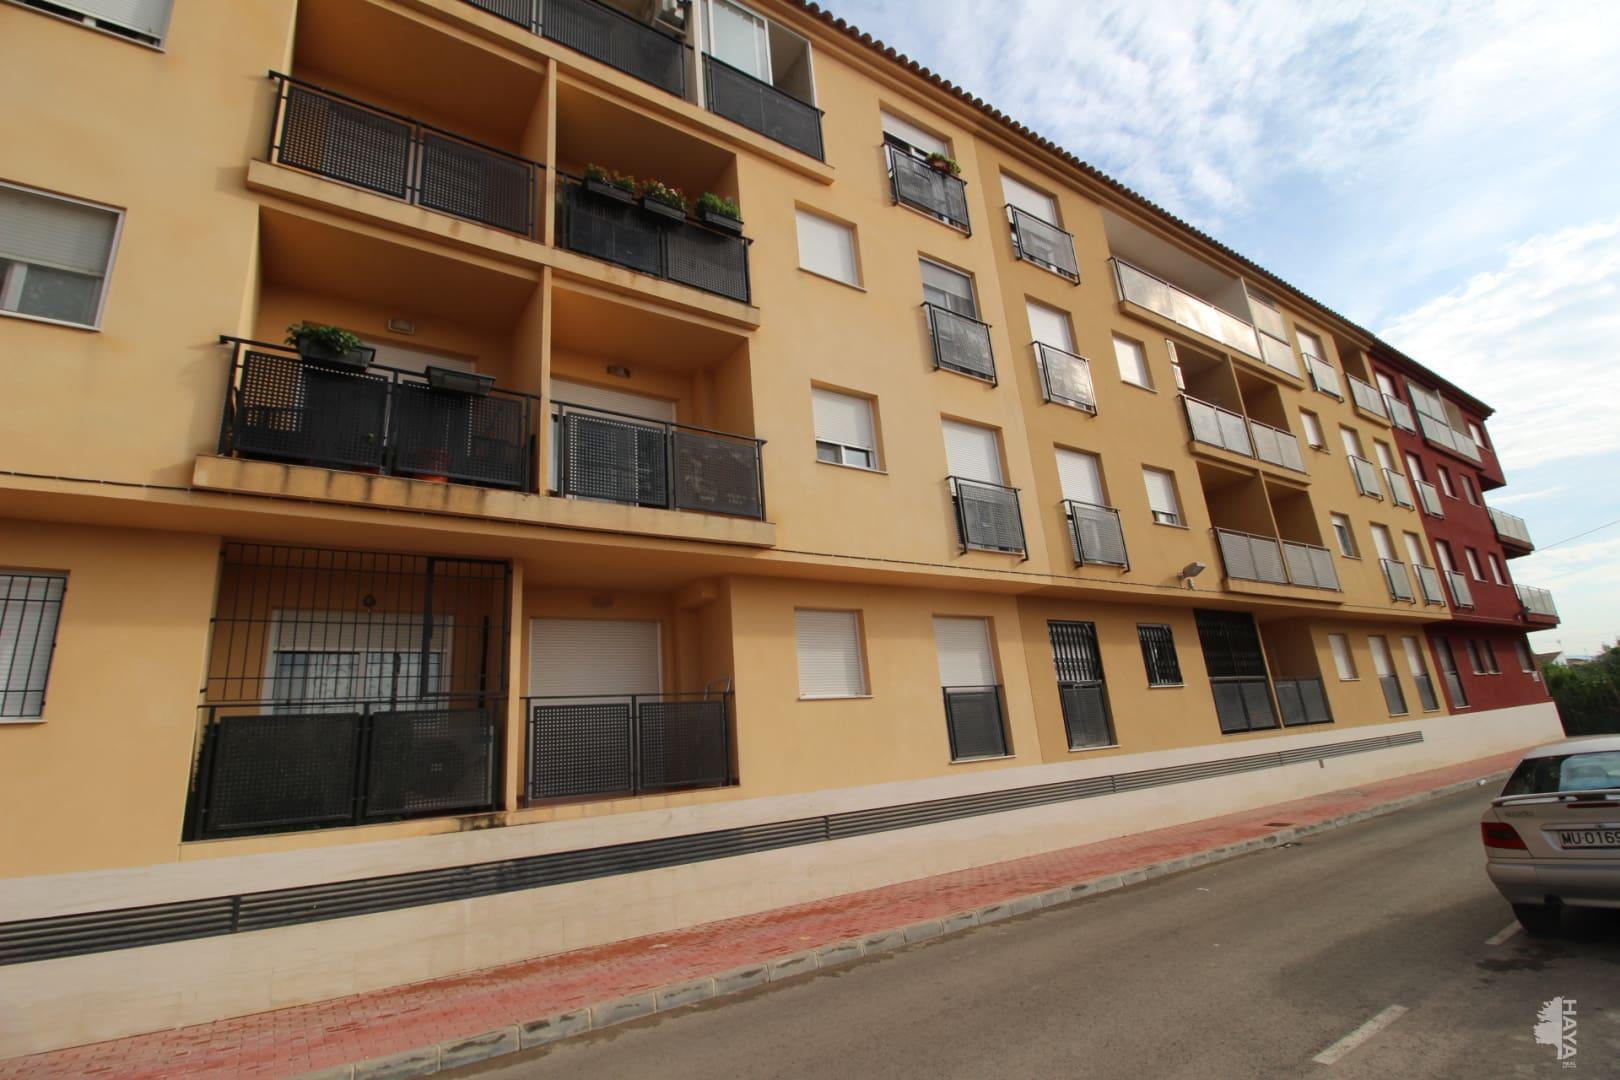 Piso en venta en Murcia, Murcia, Calle Miguel de la Nieves, 100.800 €, 4 habitaciones, 2 baños, 160 m2